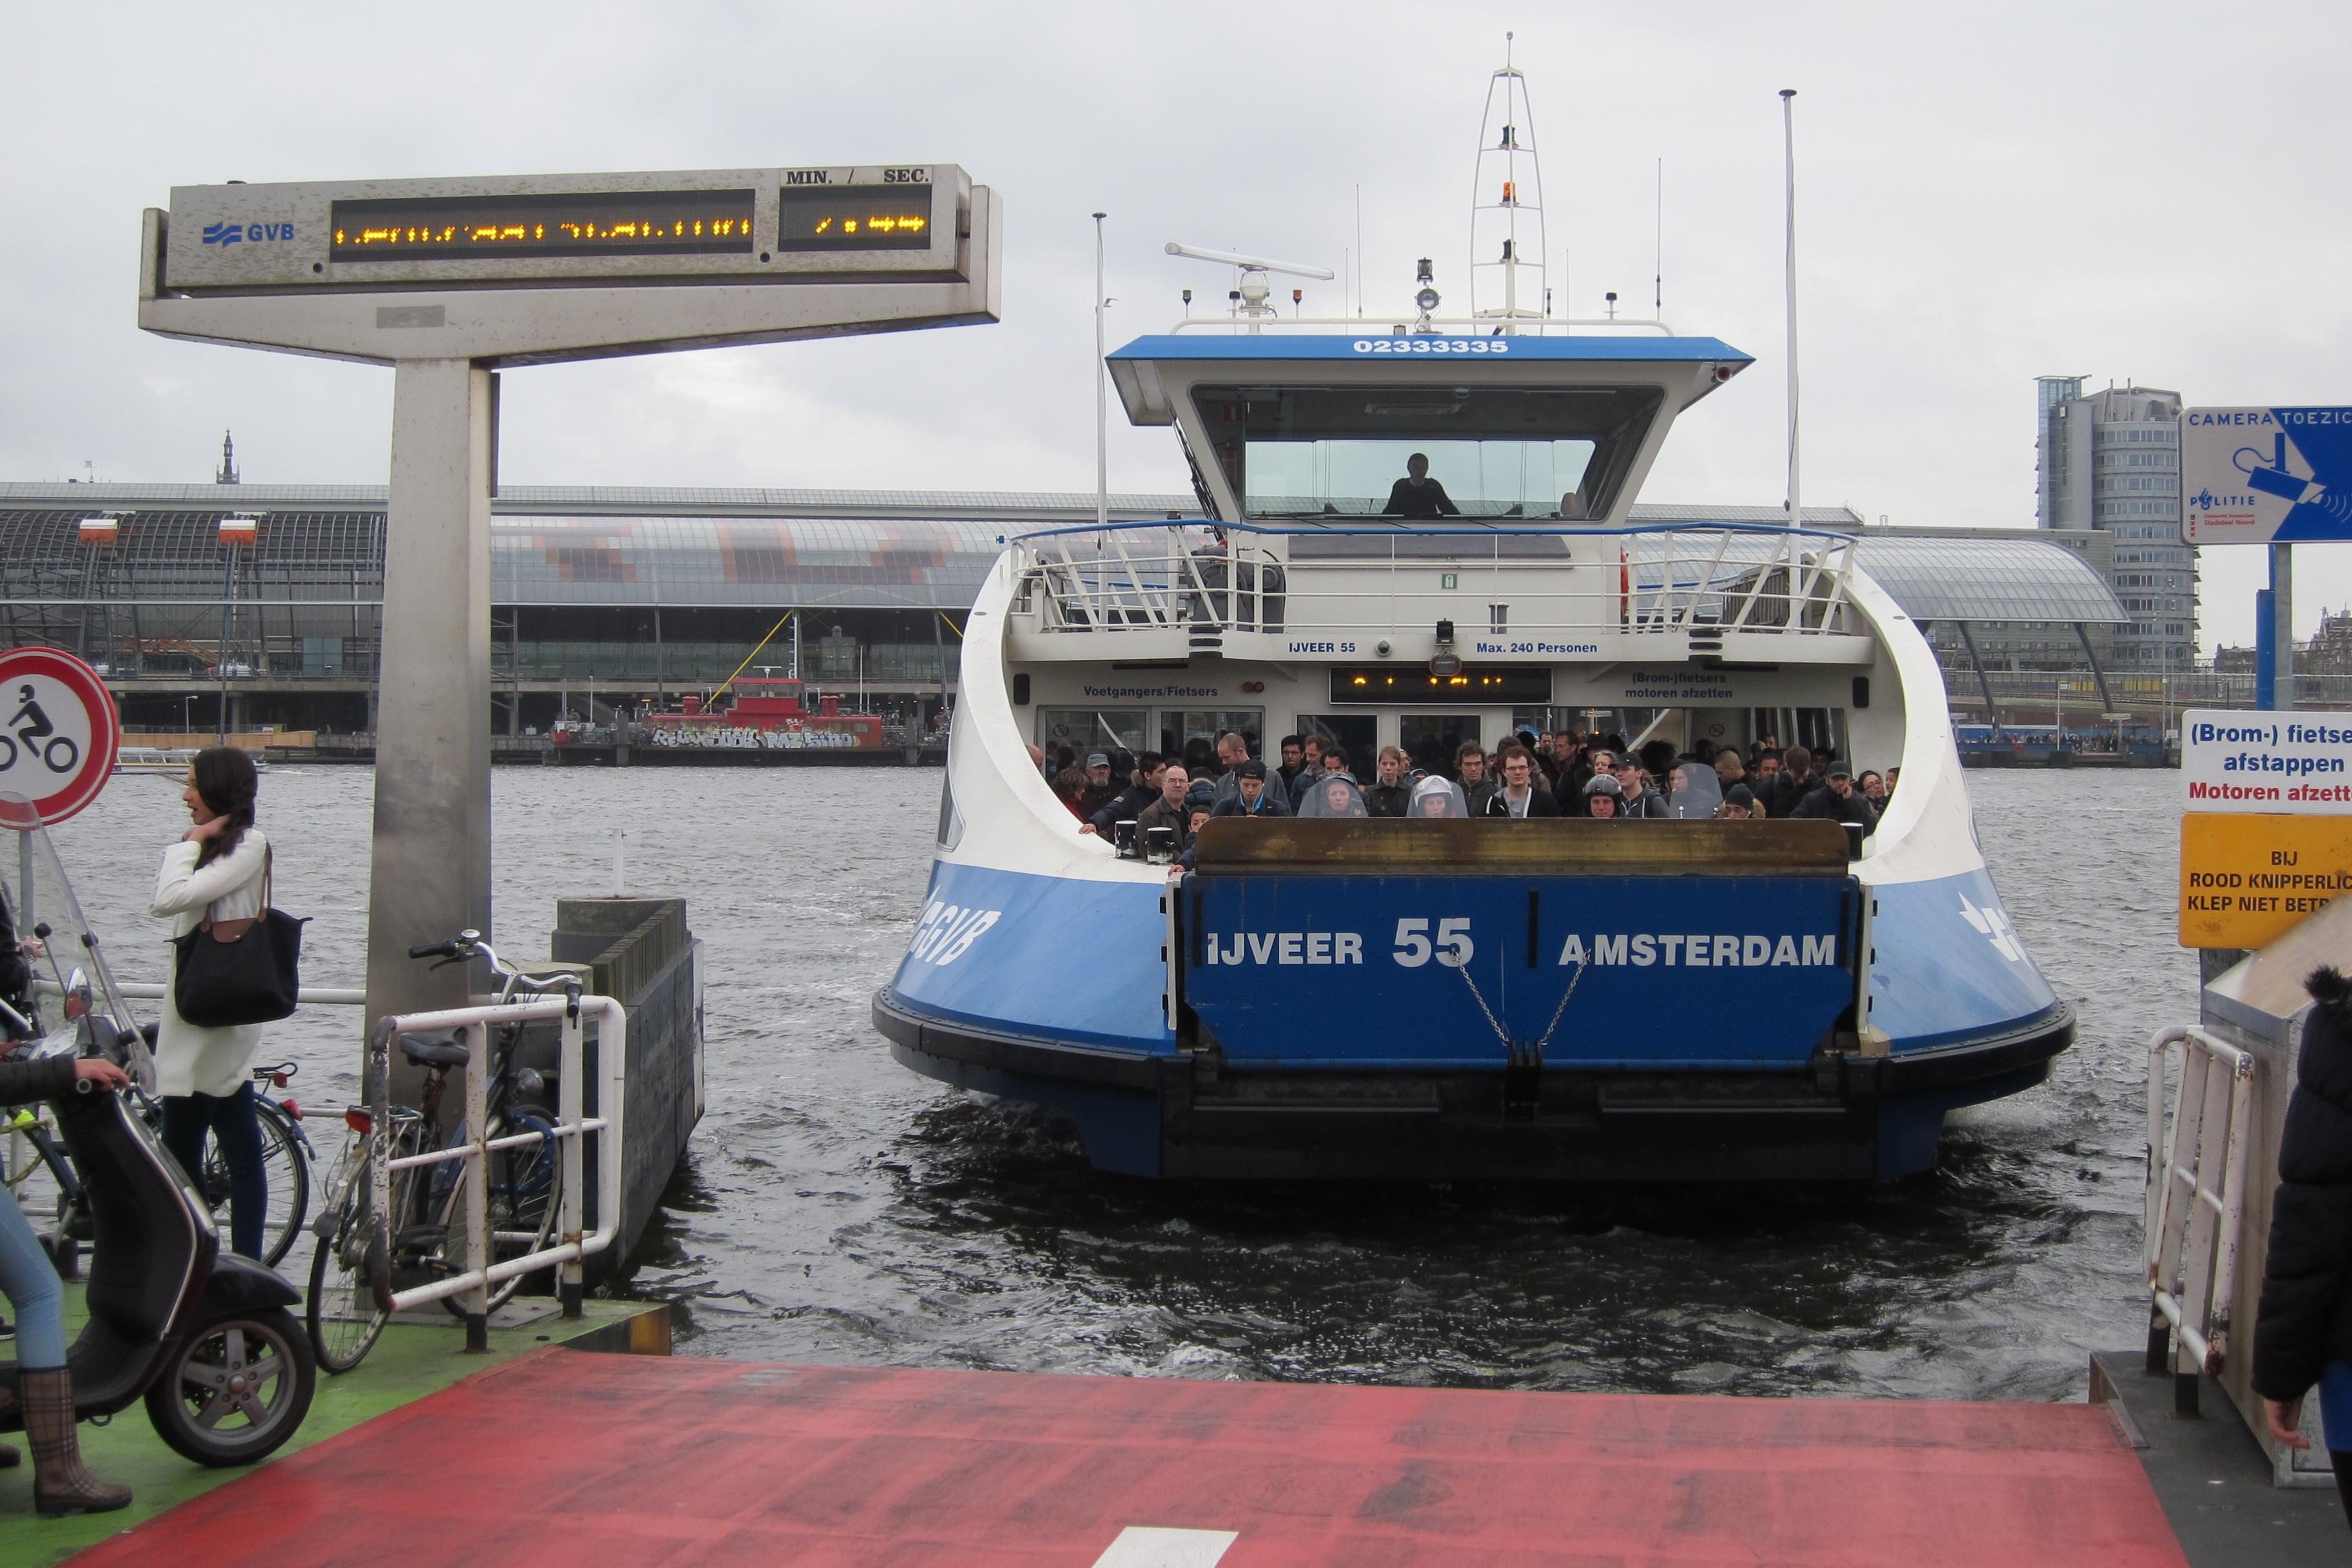 ferry in amsterdamì ëí ì´ë¯¸ì§ ê²ìê²°ê³¼